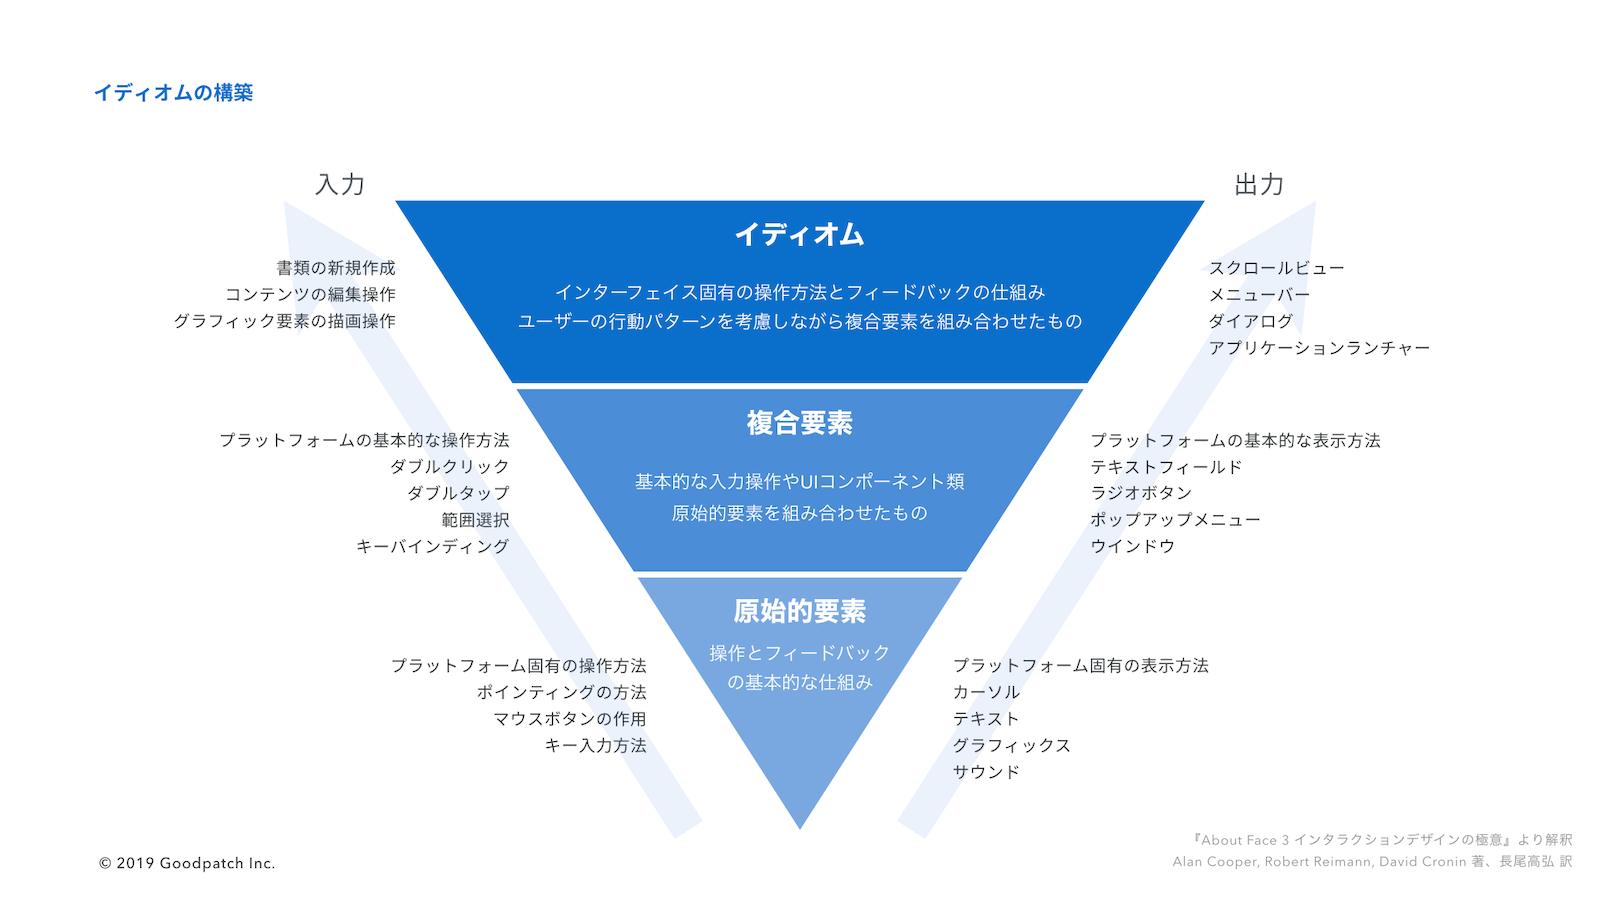 ソフトウェアデザインのイディオム構築